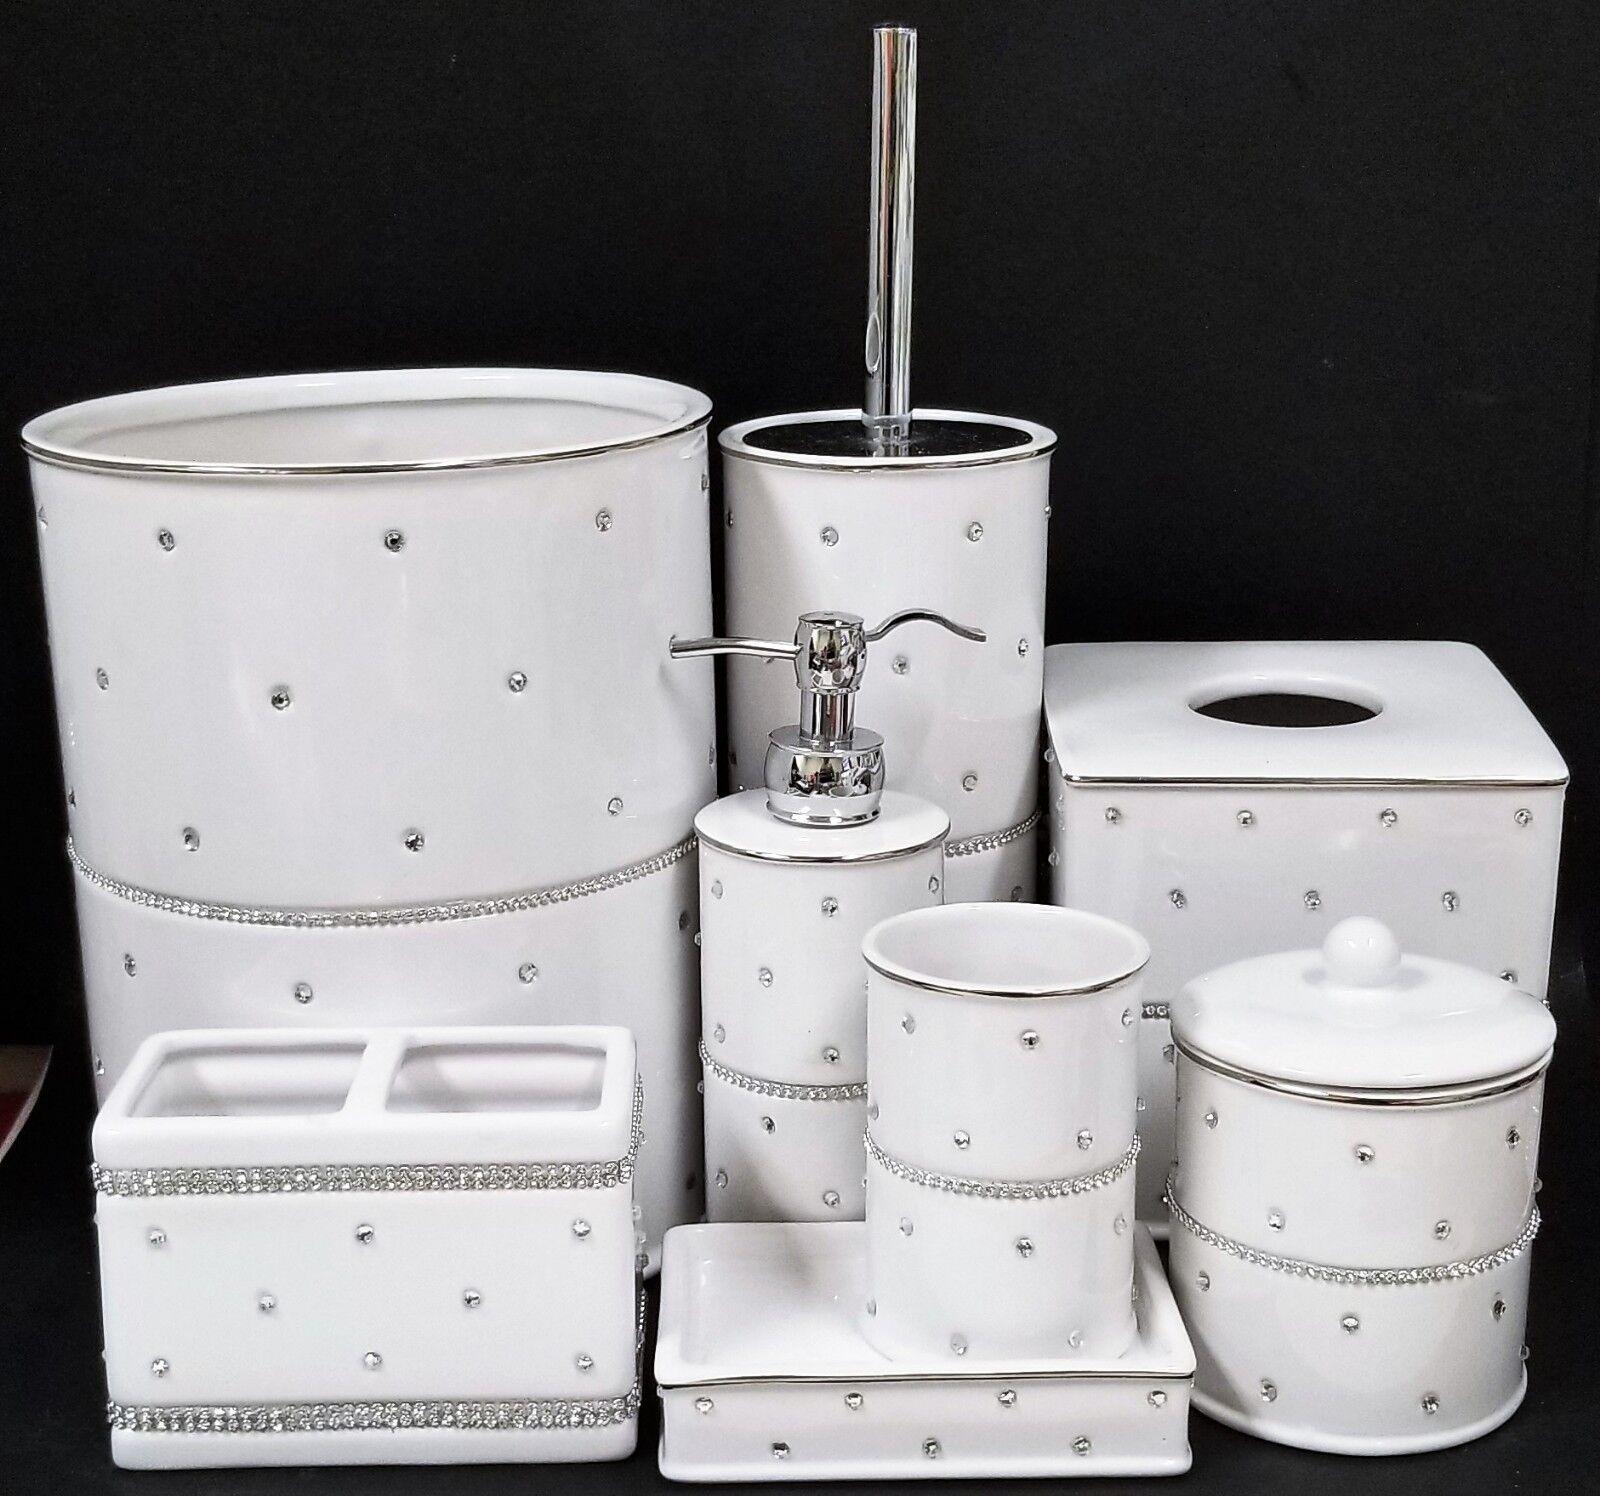 Neu 8 St.Set Weiße Keramik    Silber Kristall Trimmen Strass Seifenspender   Online Kaufen  495238